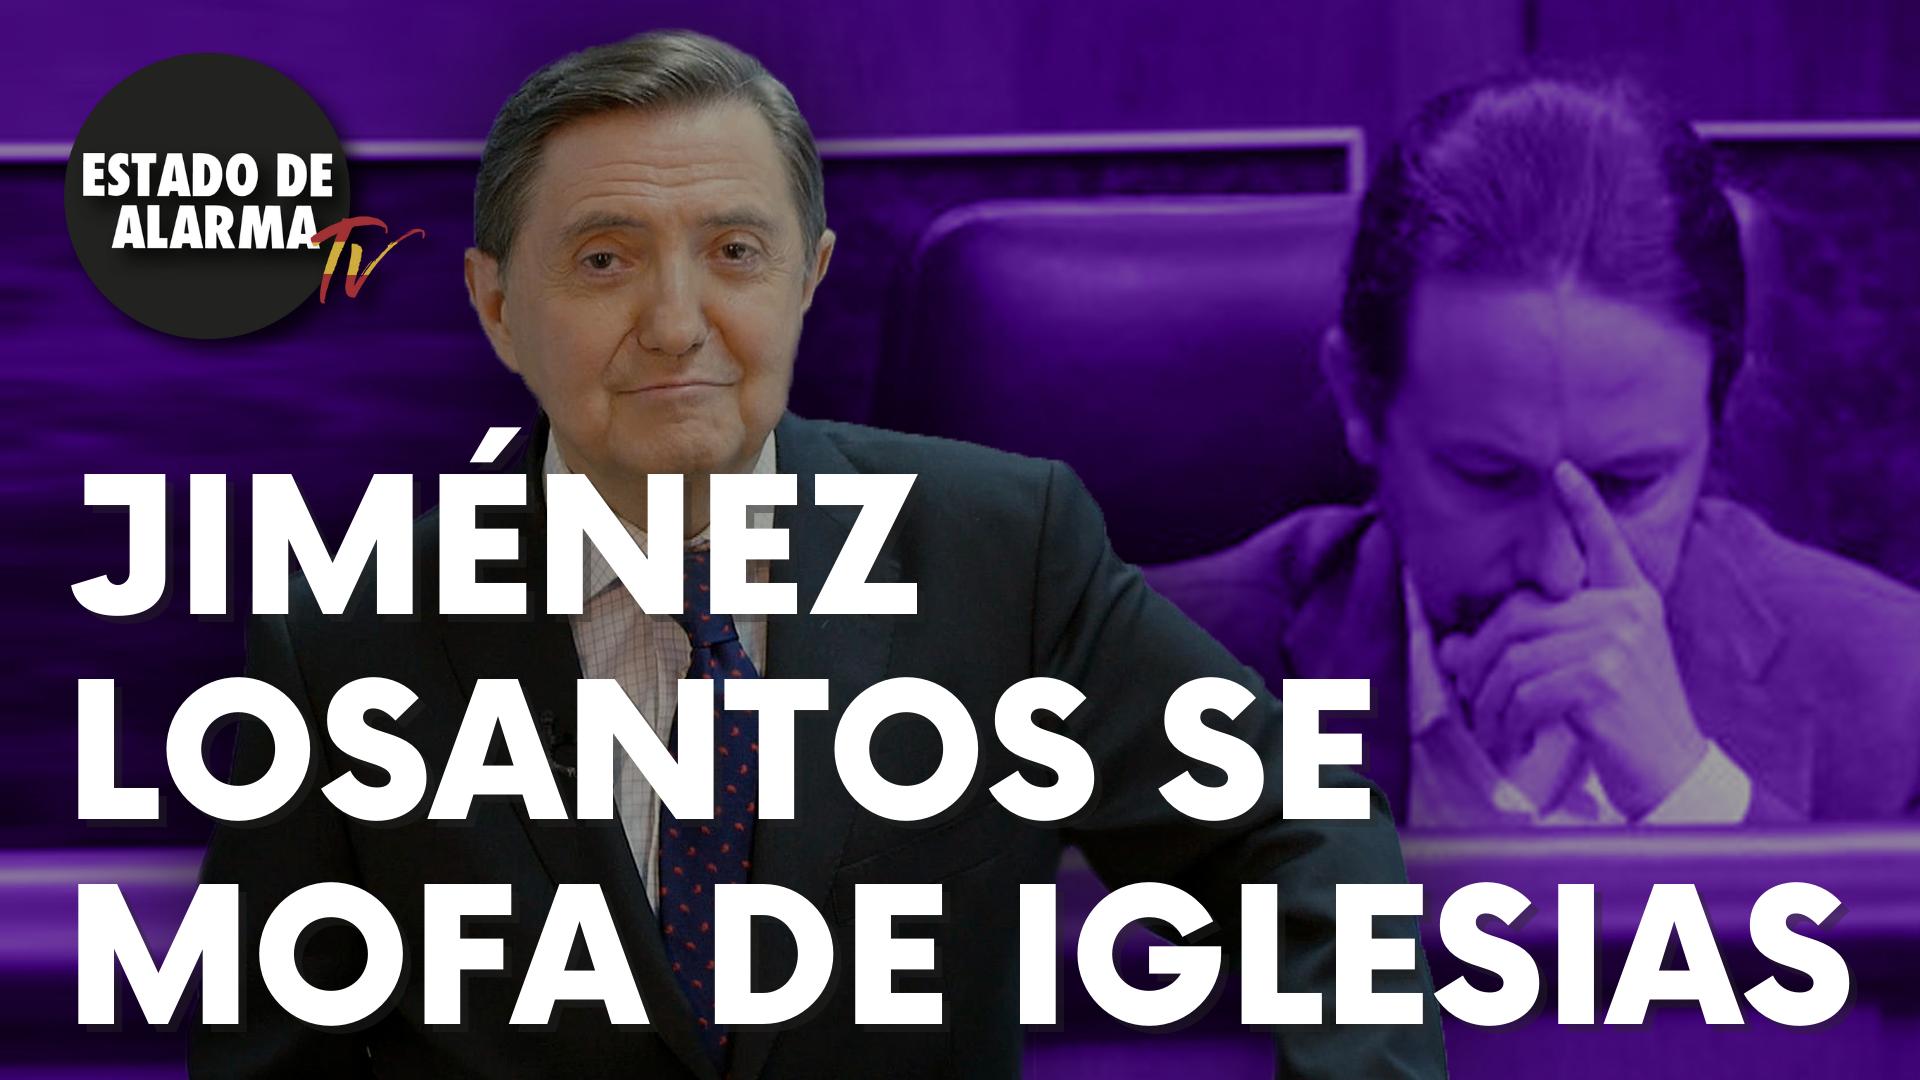 Jiménez Losantos se mofa de Iglesias a cuenta del castellano